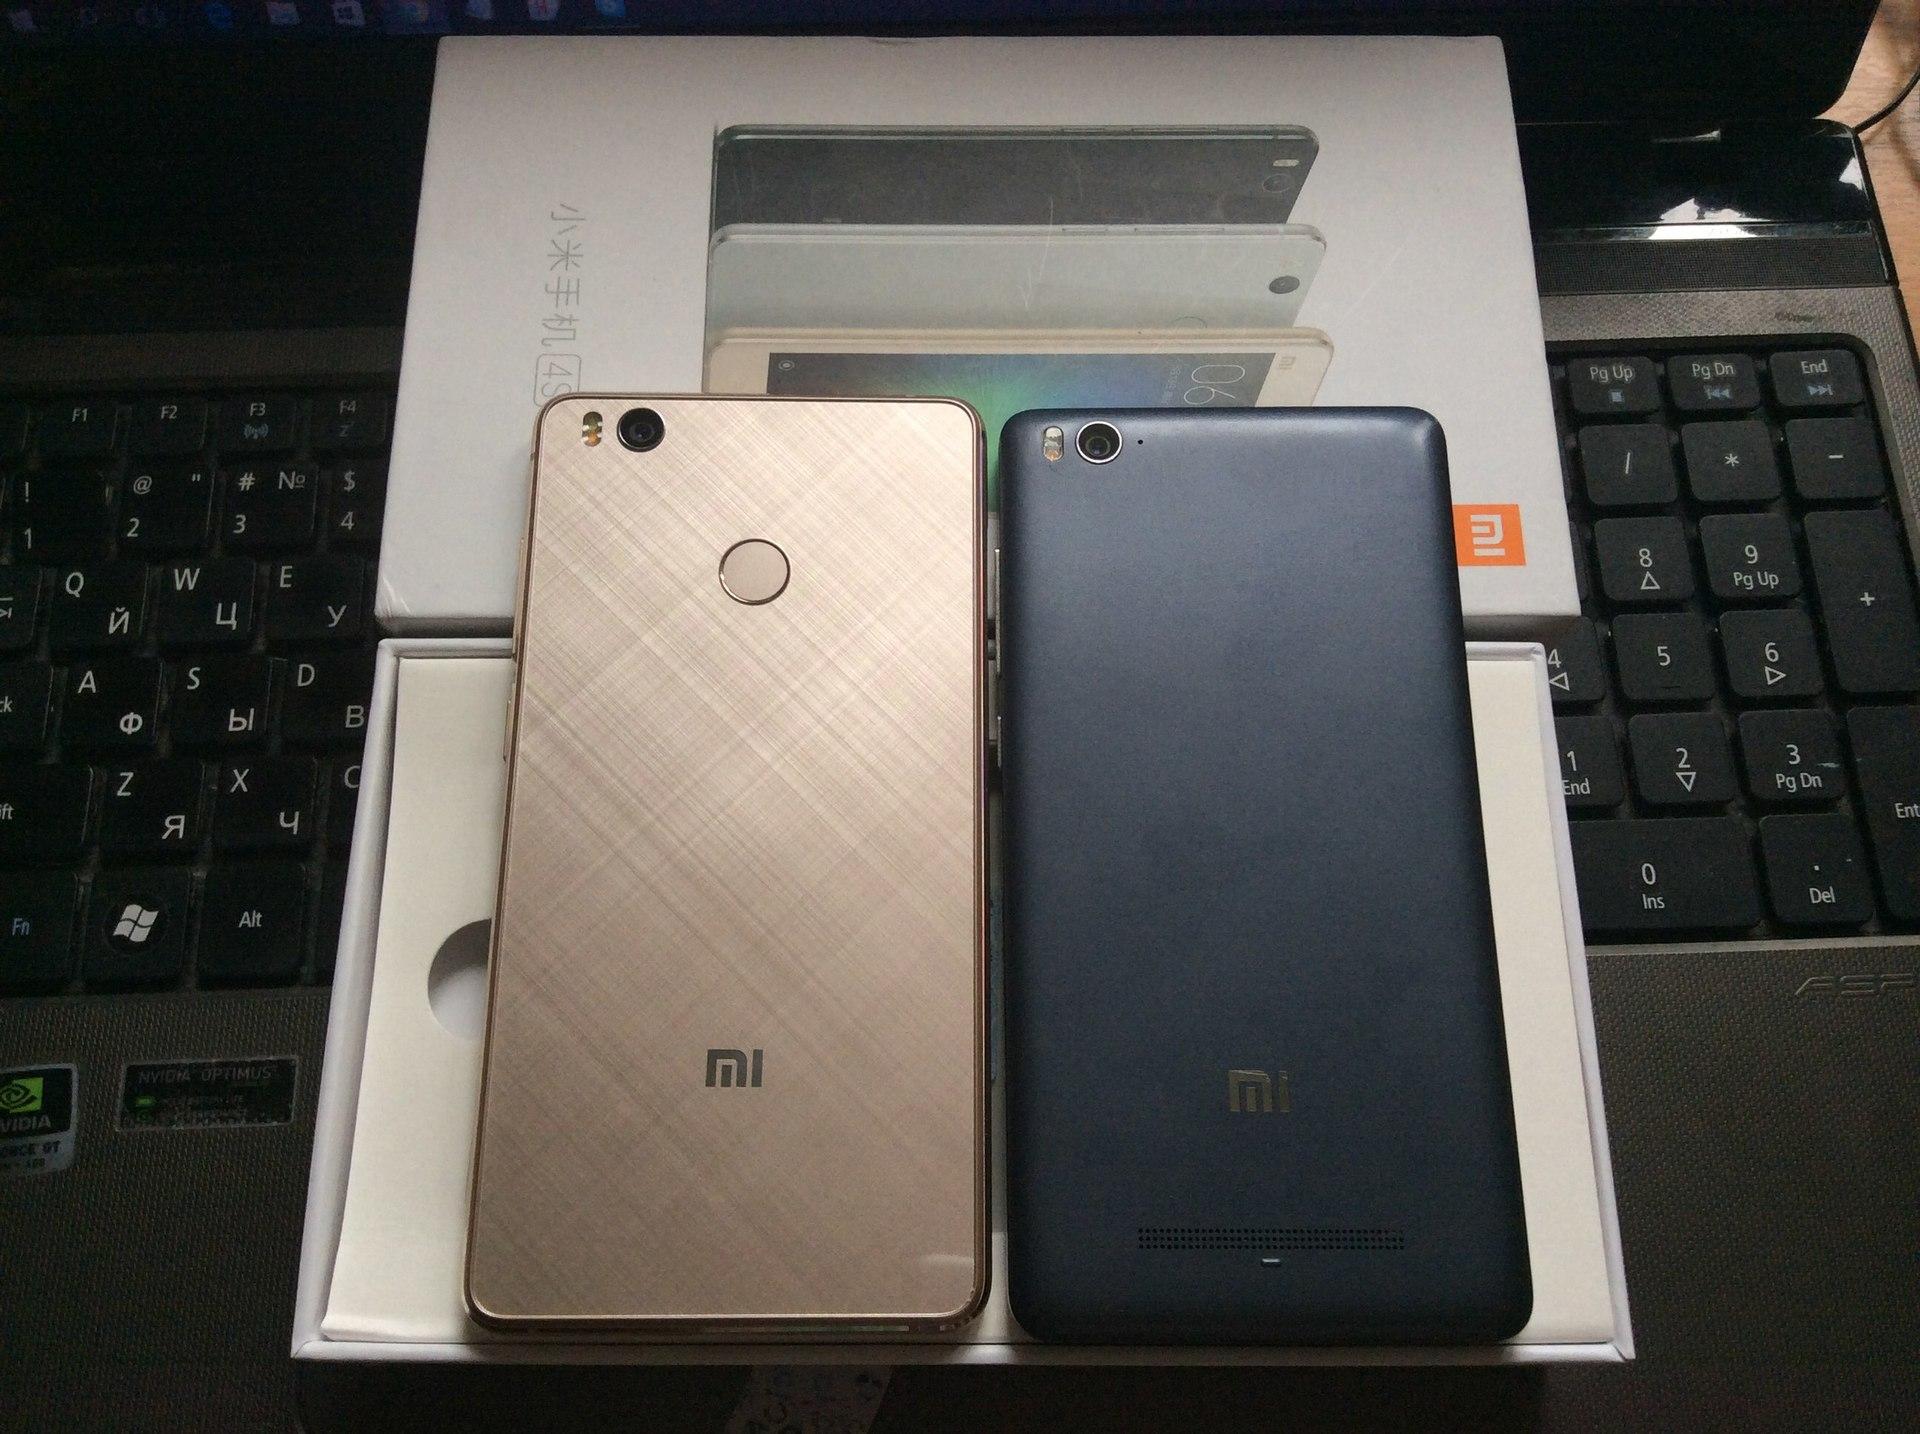 Тест-драйв нового смартфона Xiaomi или Как наэкономить на бесплатный Xiaomi Mi4S? - 5